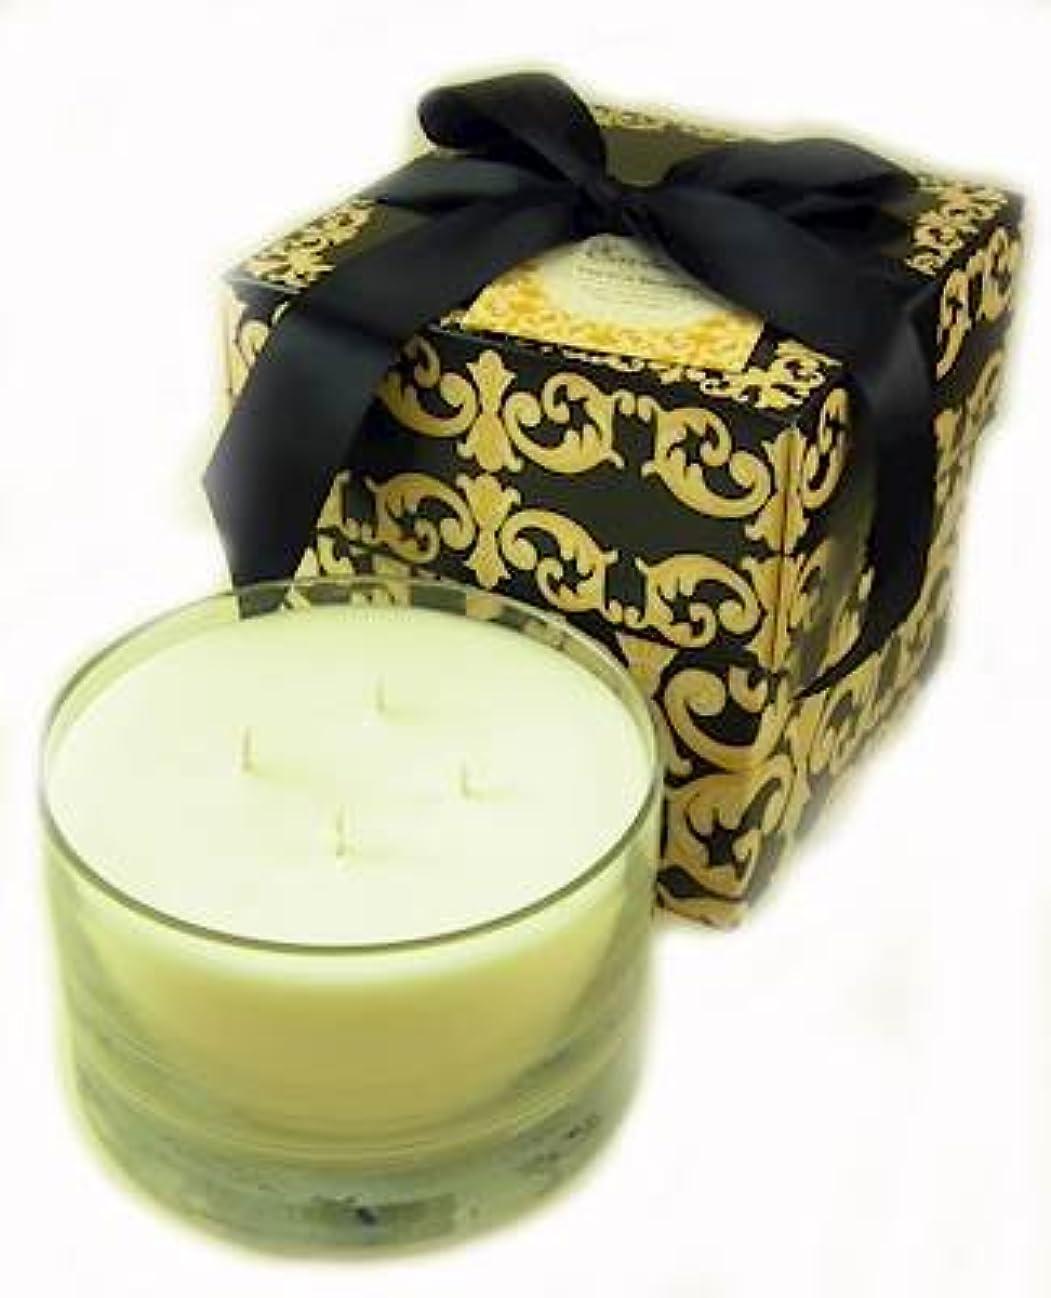 海嶺バスタブ治世フランス市場 – Exclusive Tyler 40 oz 4-wick香りつきJar Candle